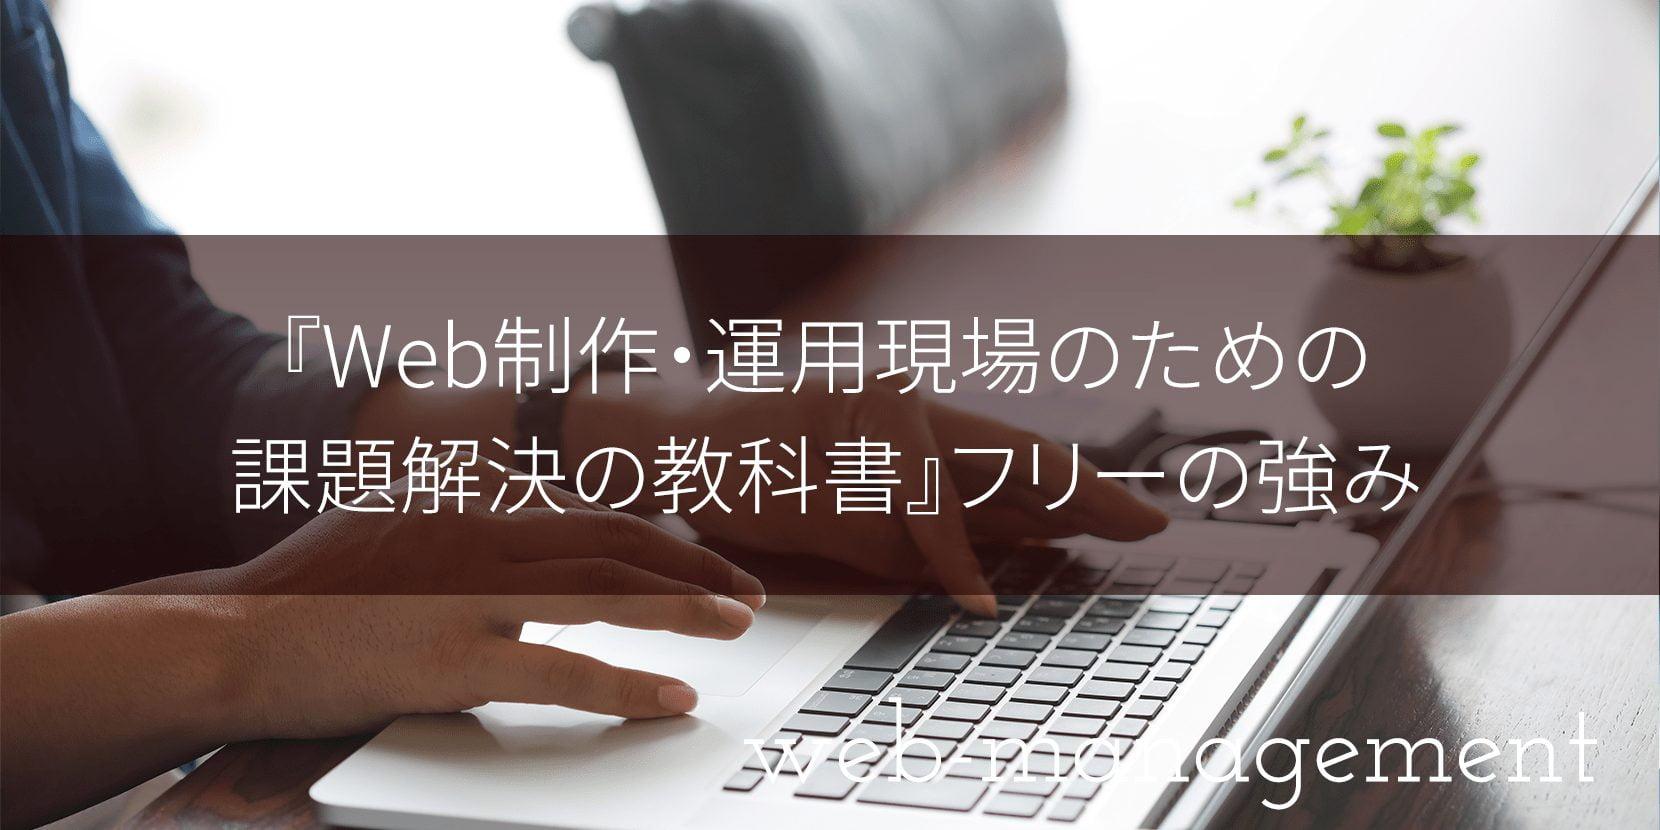 『Web制作・運用現場のための課題解決の教科書』フリーの強み